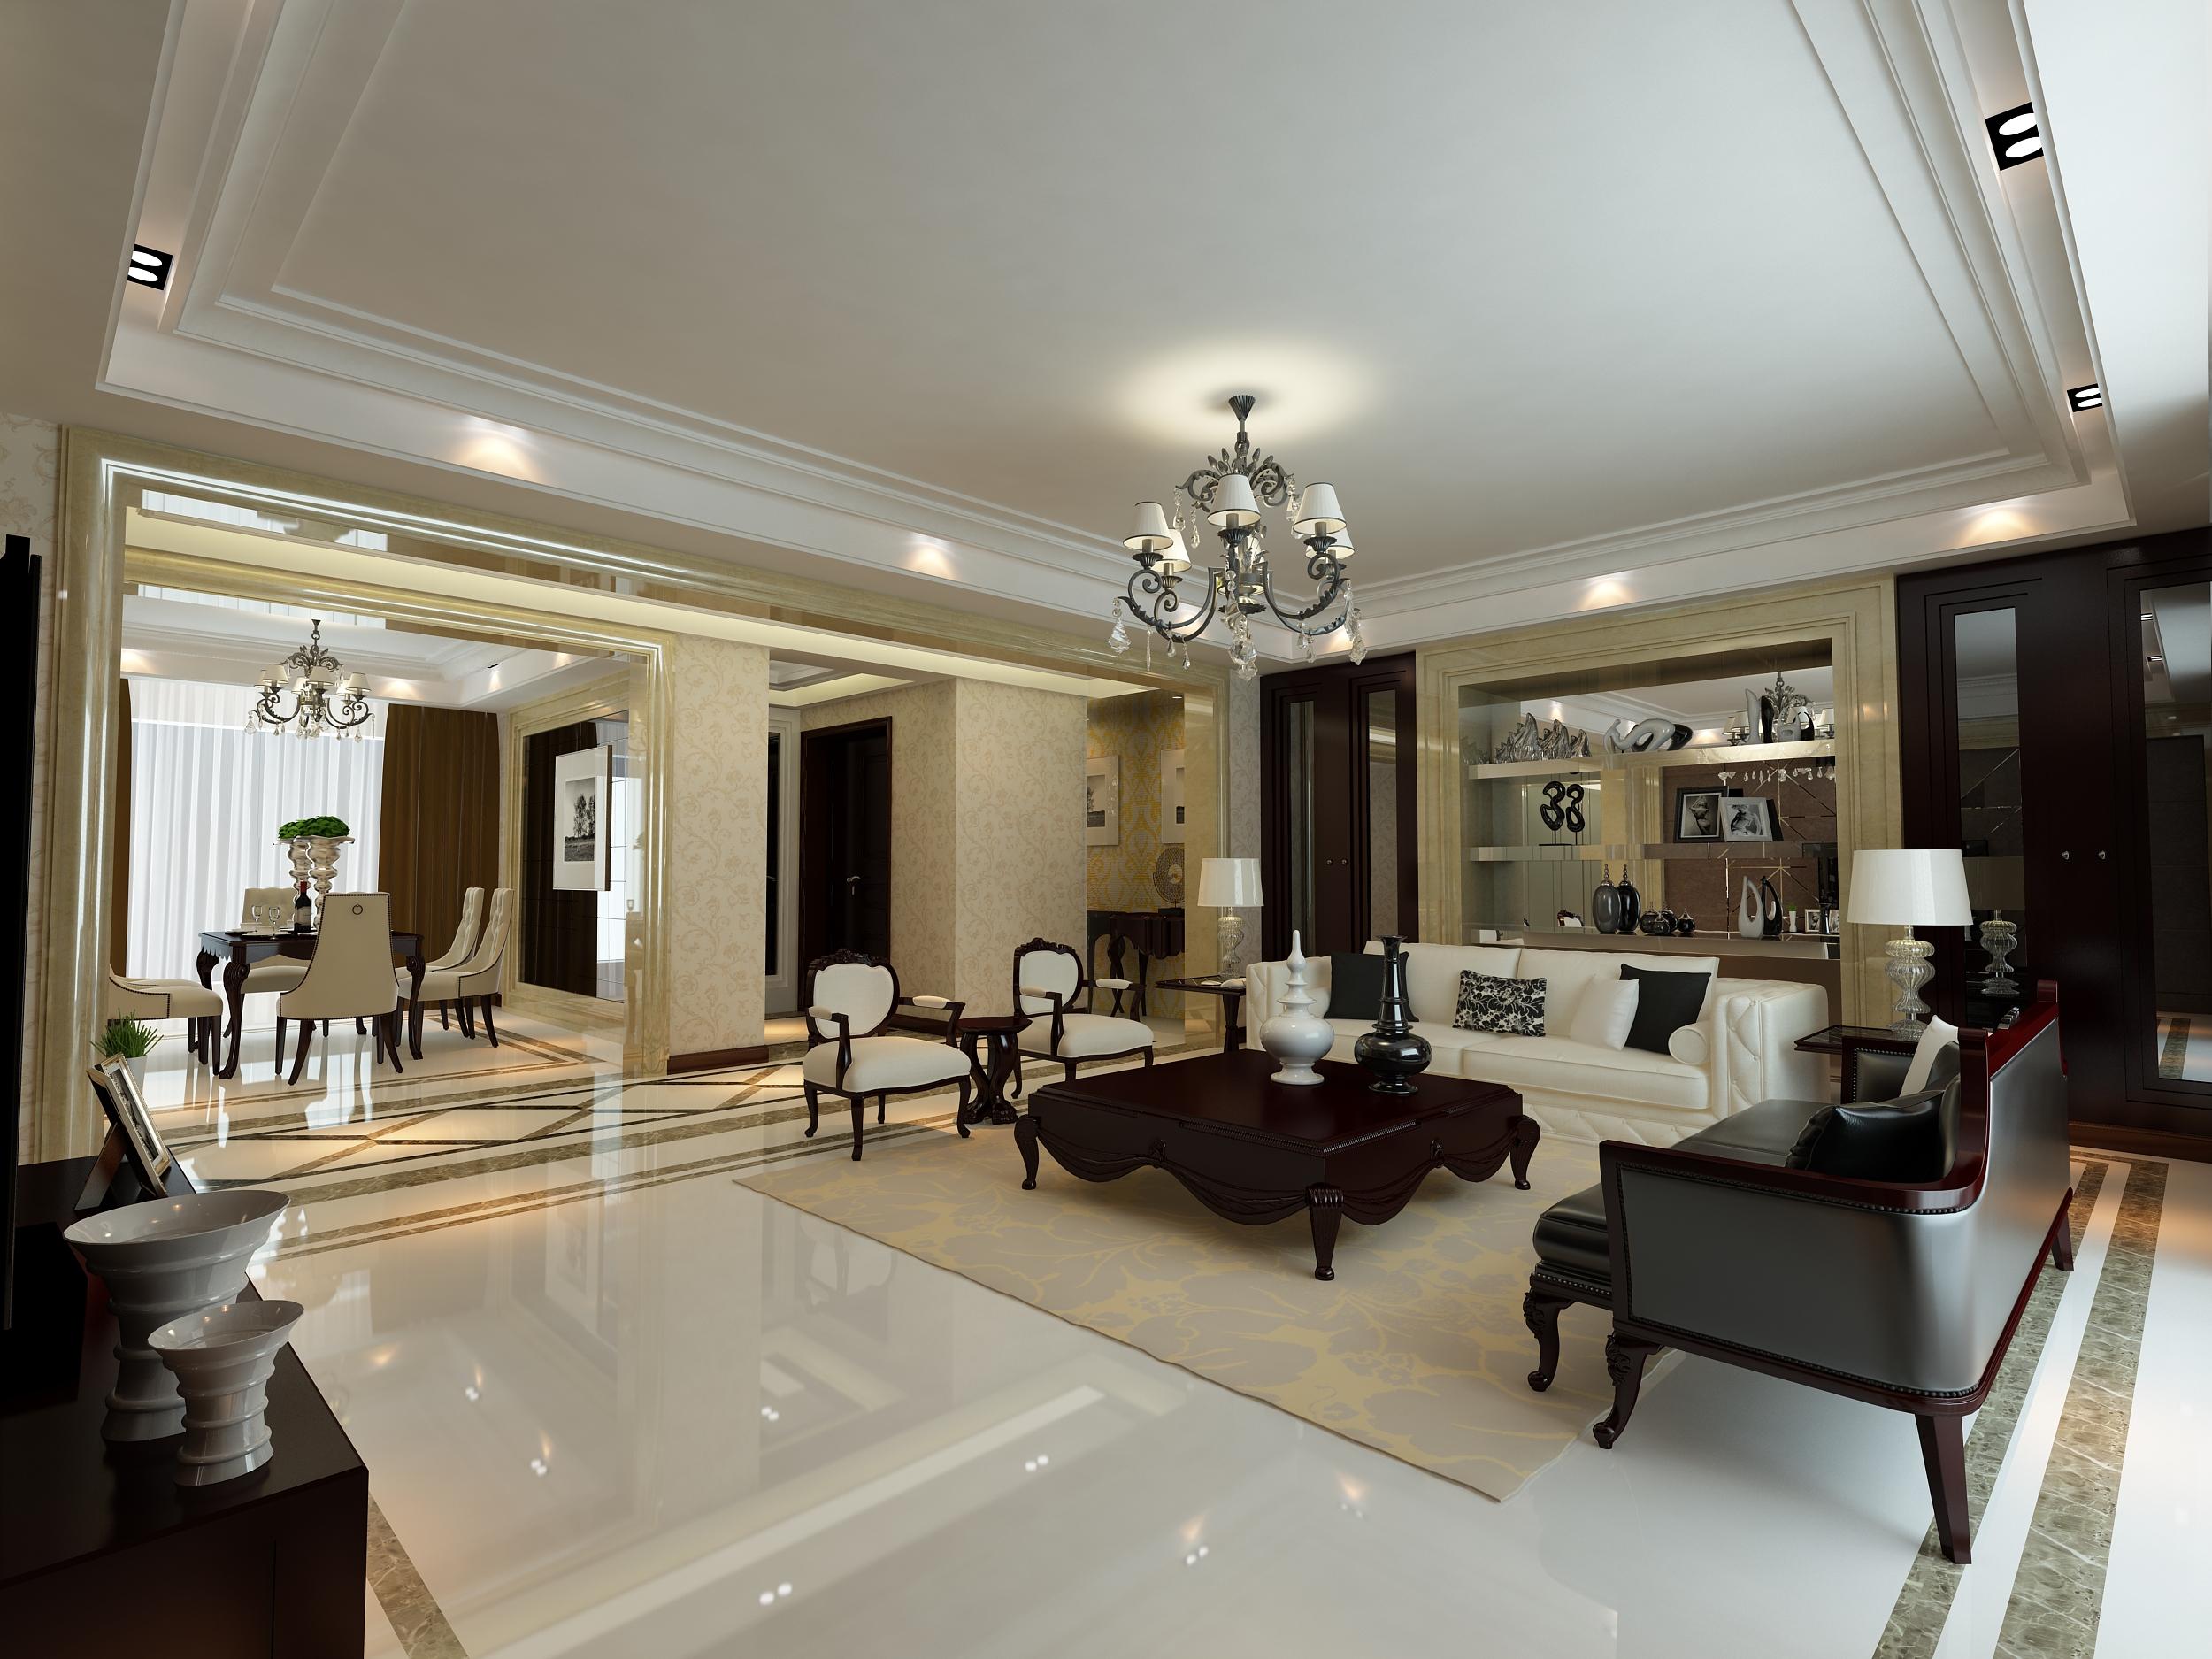 装饰怡丰森林湖155平方四室两厅简欧风格装修效果图:白色简约欧式风格